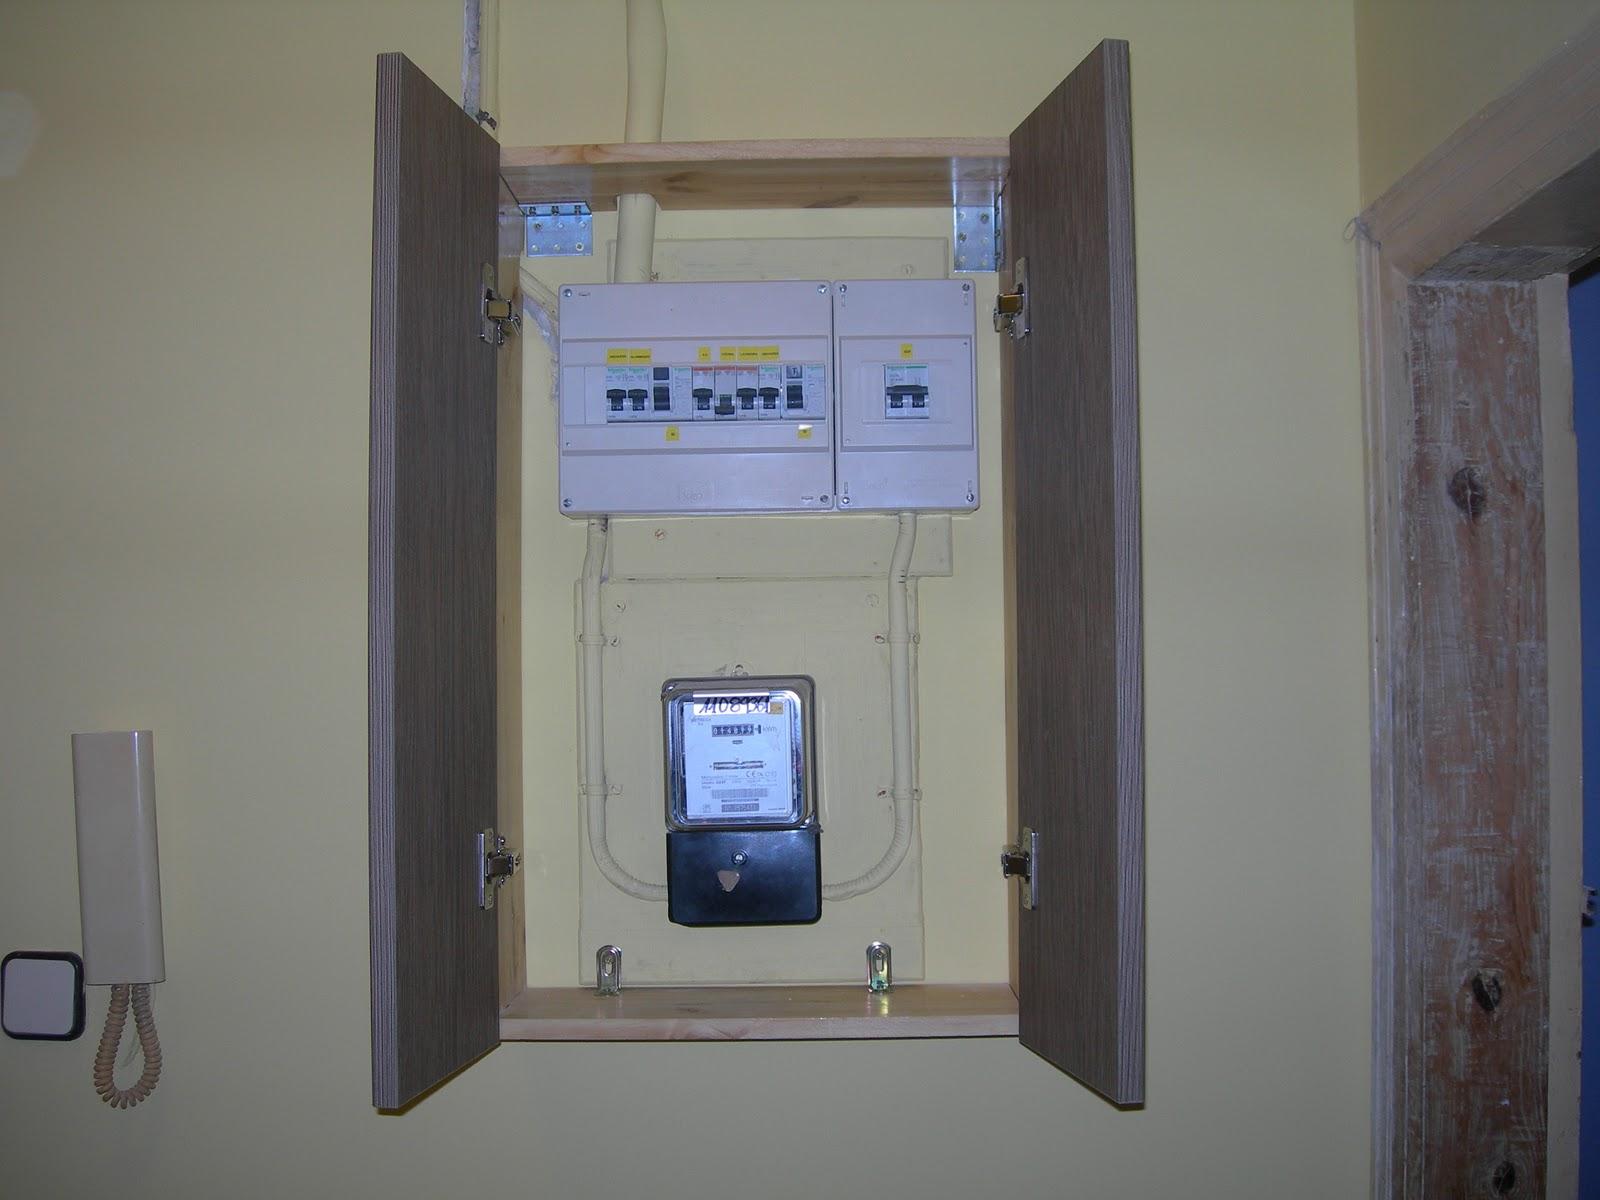 Bricolaje hazlo tu mismo arreglo cuadro de proteccion for Caja contador agua